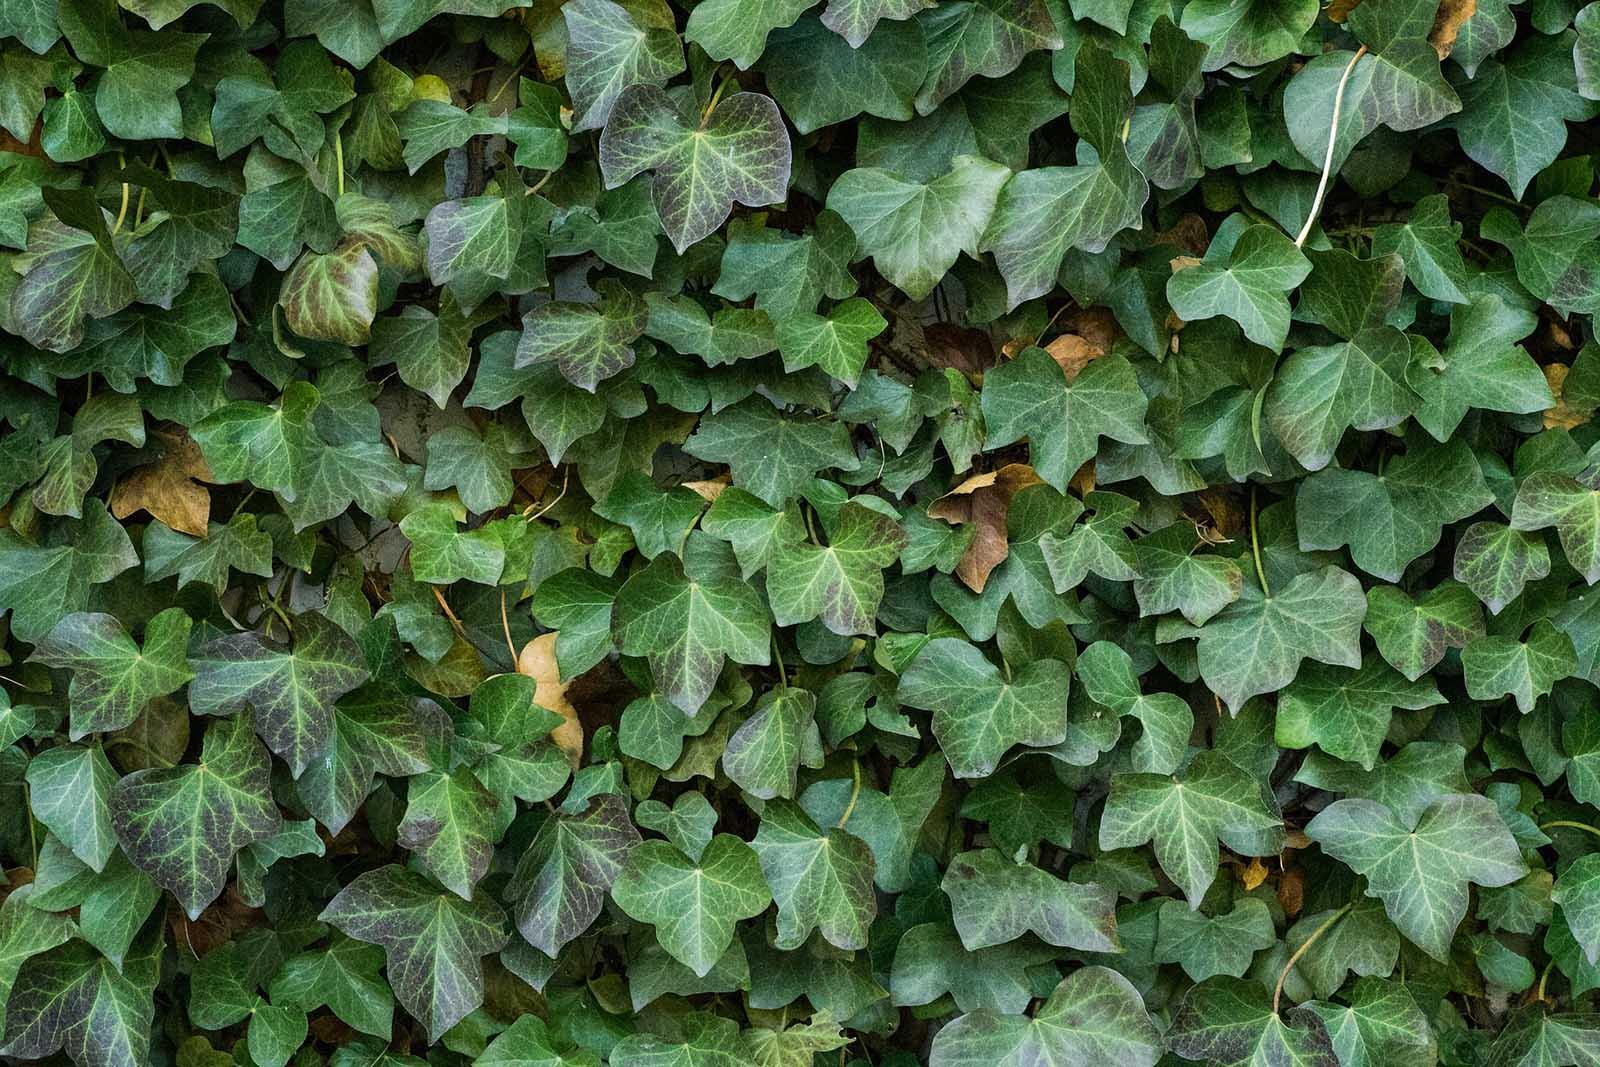 Die 20 giftigsten zimmerpflanzen f r tiere - Efeu zimmerpflanze giftig ...